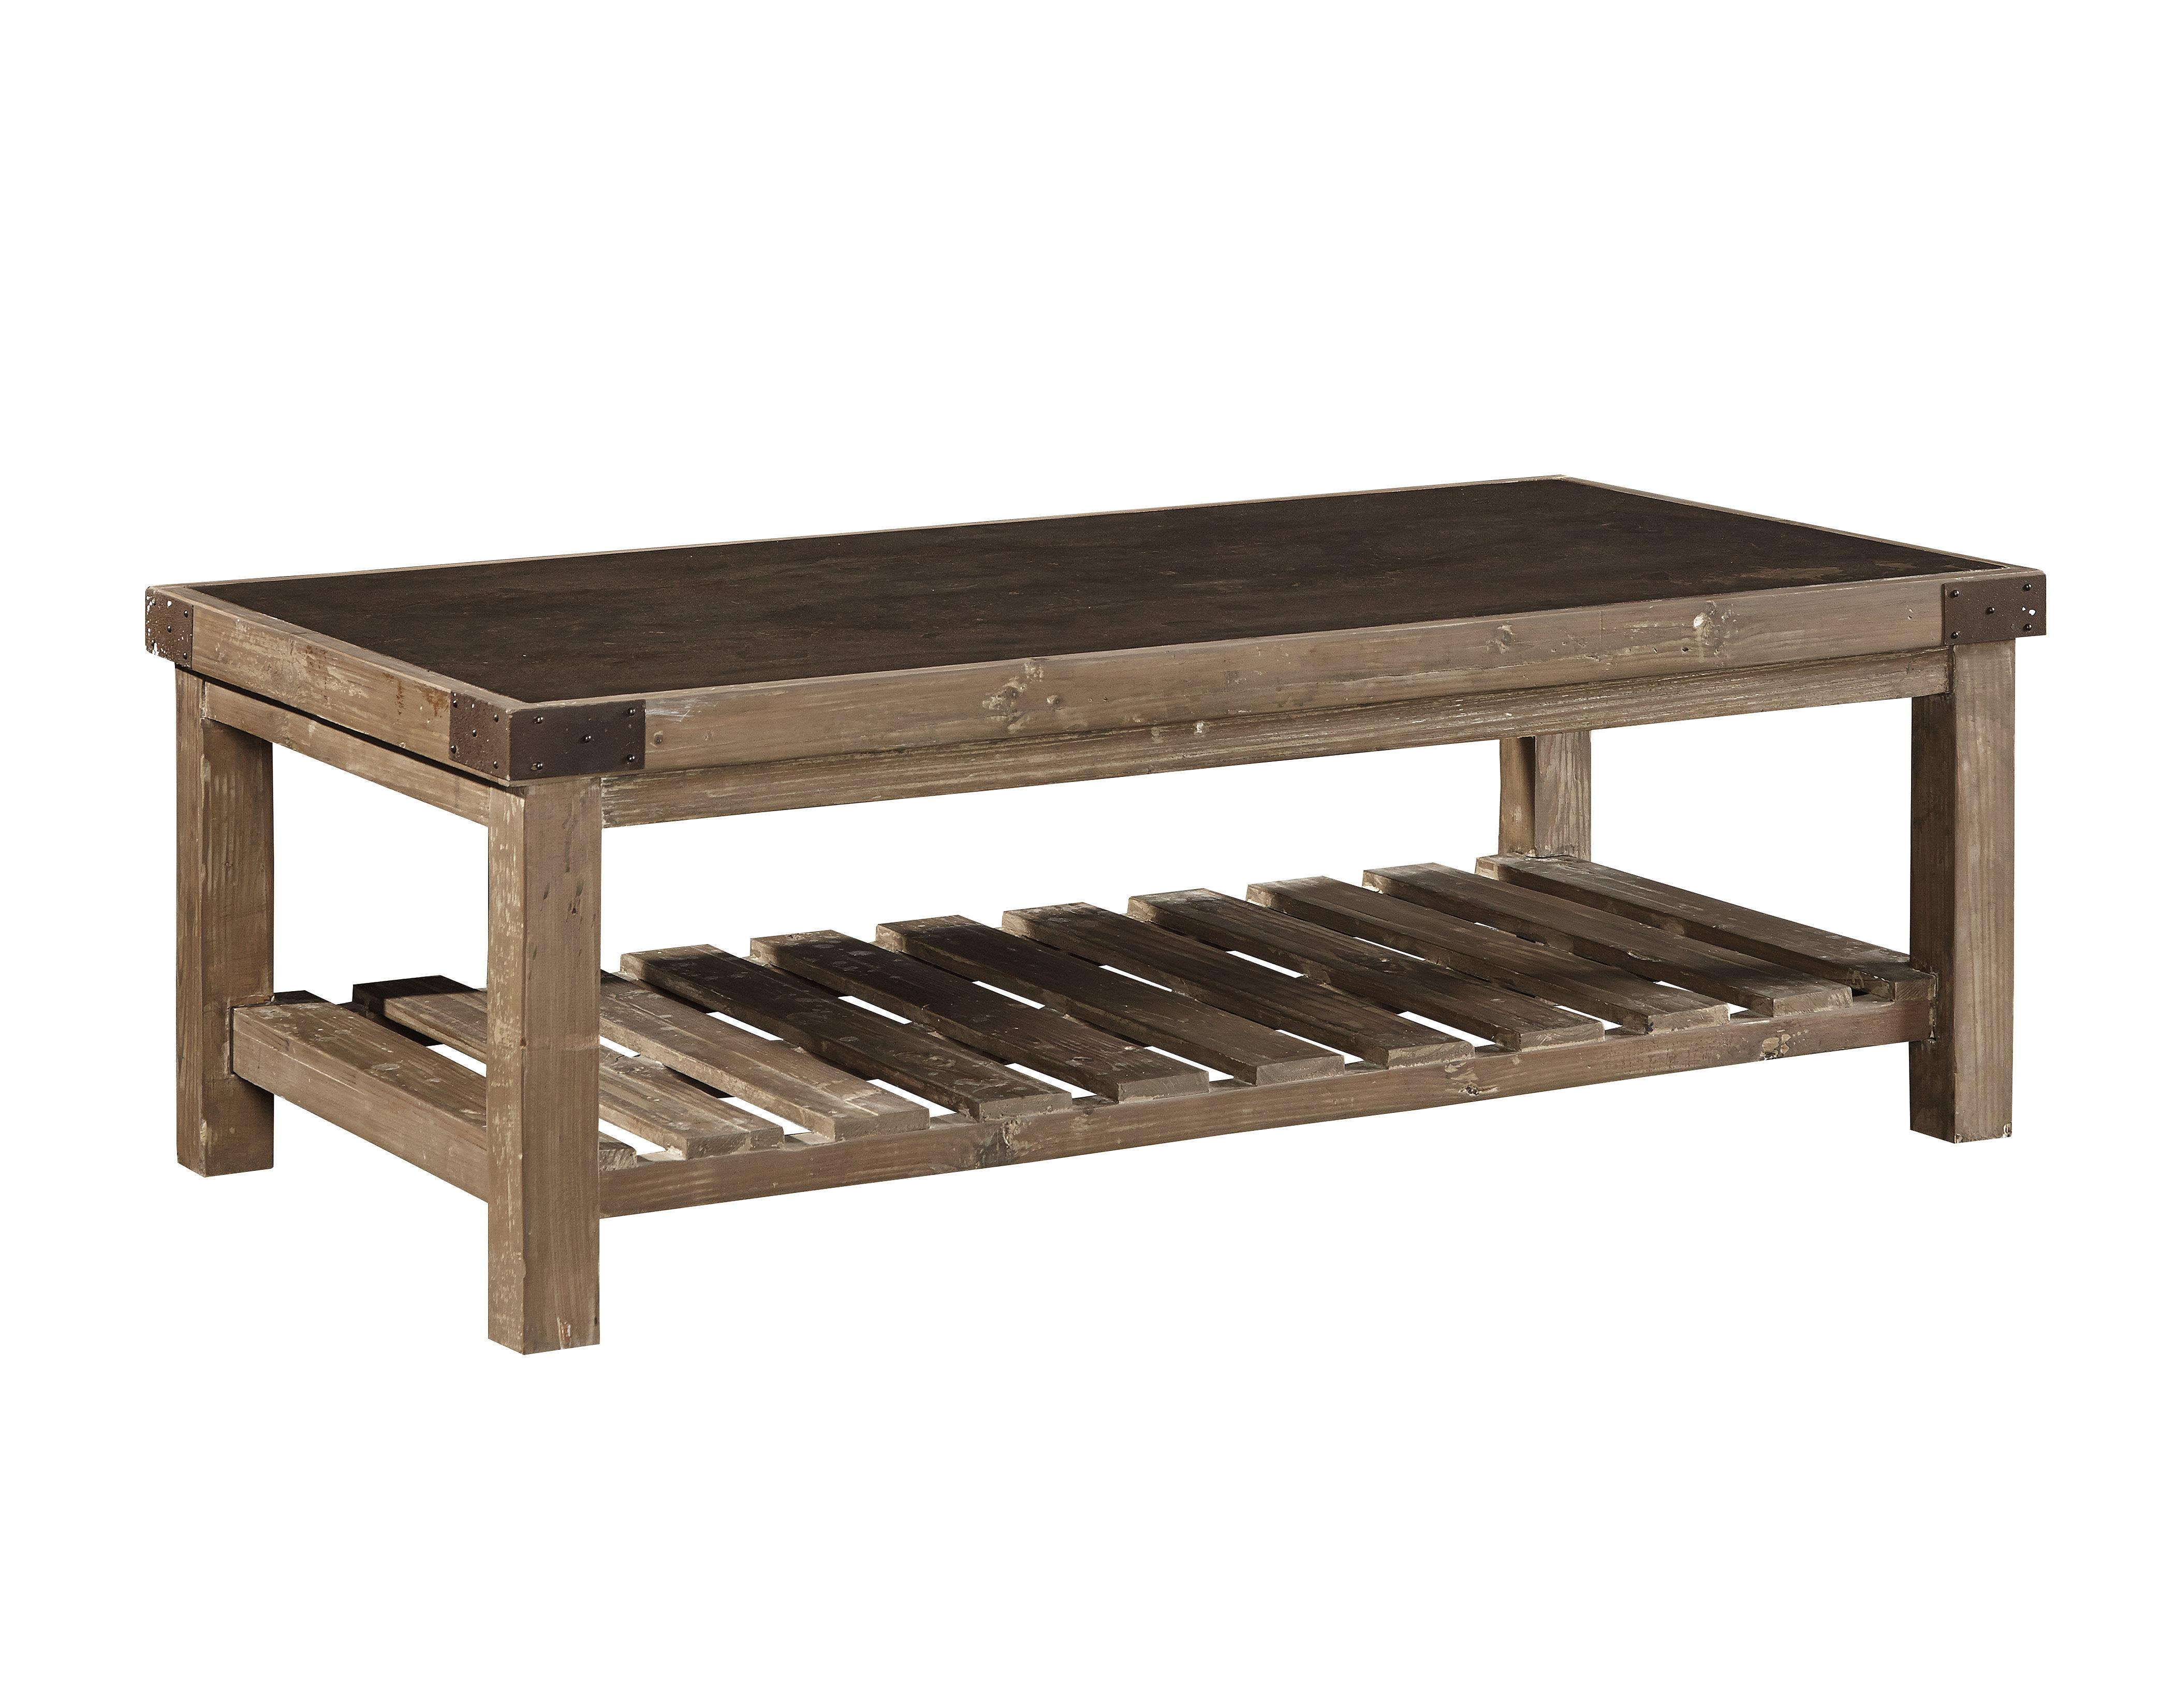 Gracie Oaks Warren Bluestone Top Coffee Table Wayfair in measurements 4200 X 3300